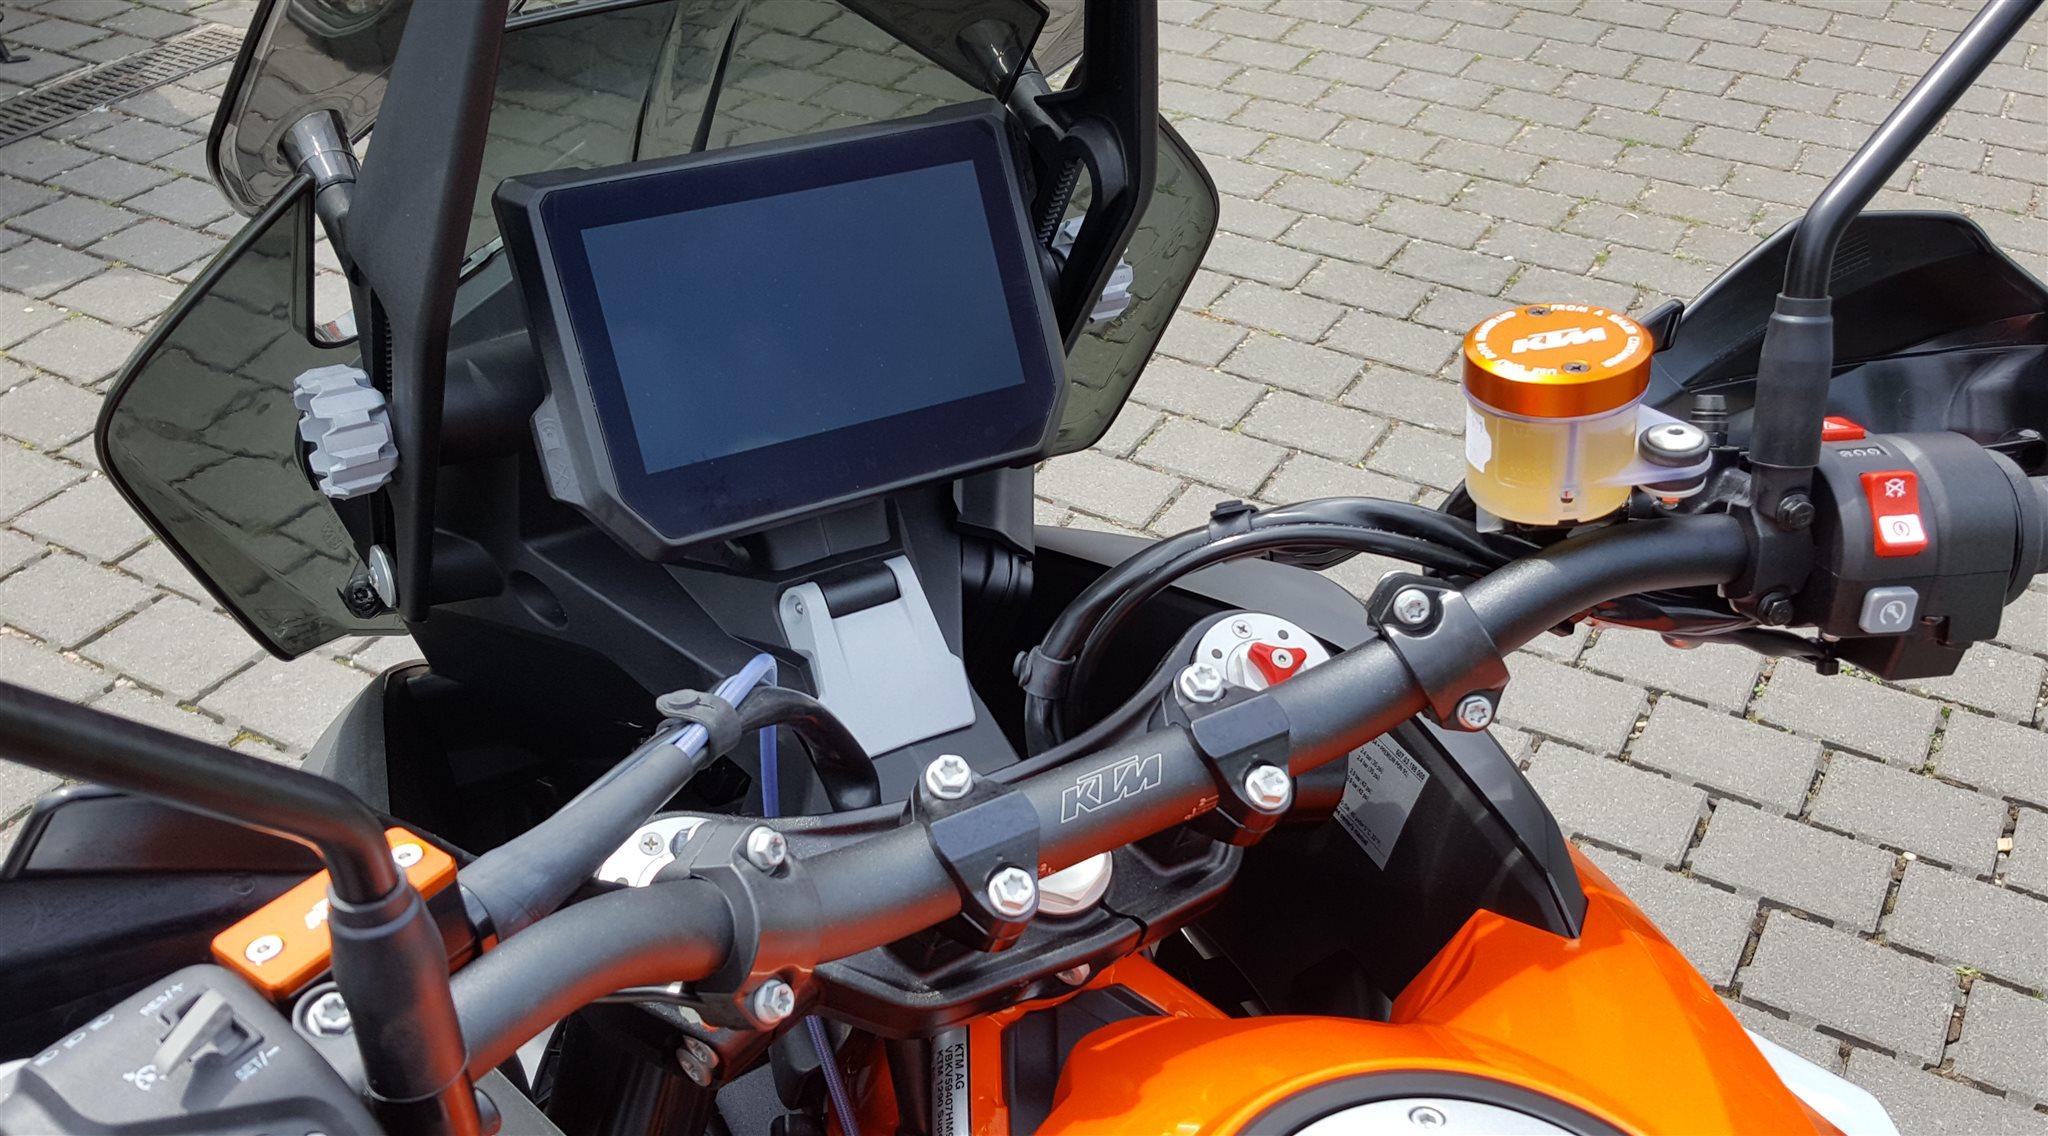 details zum custom bike ktm 1290 super adventure r des. Black Bedroom Furniture Sets. Home Design Ideas